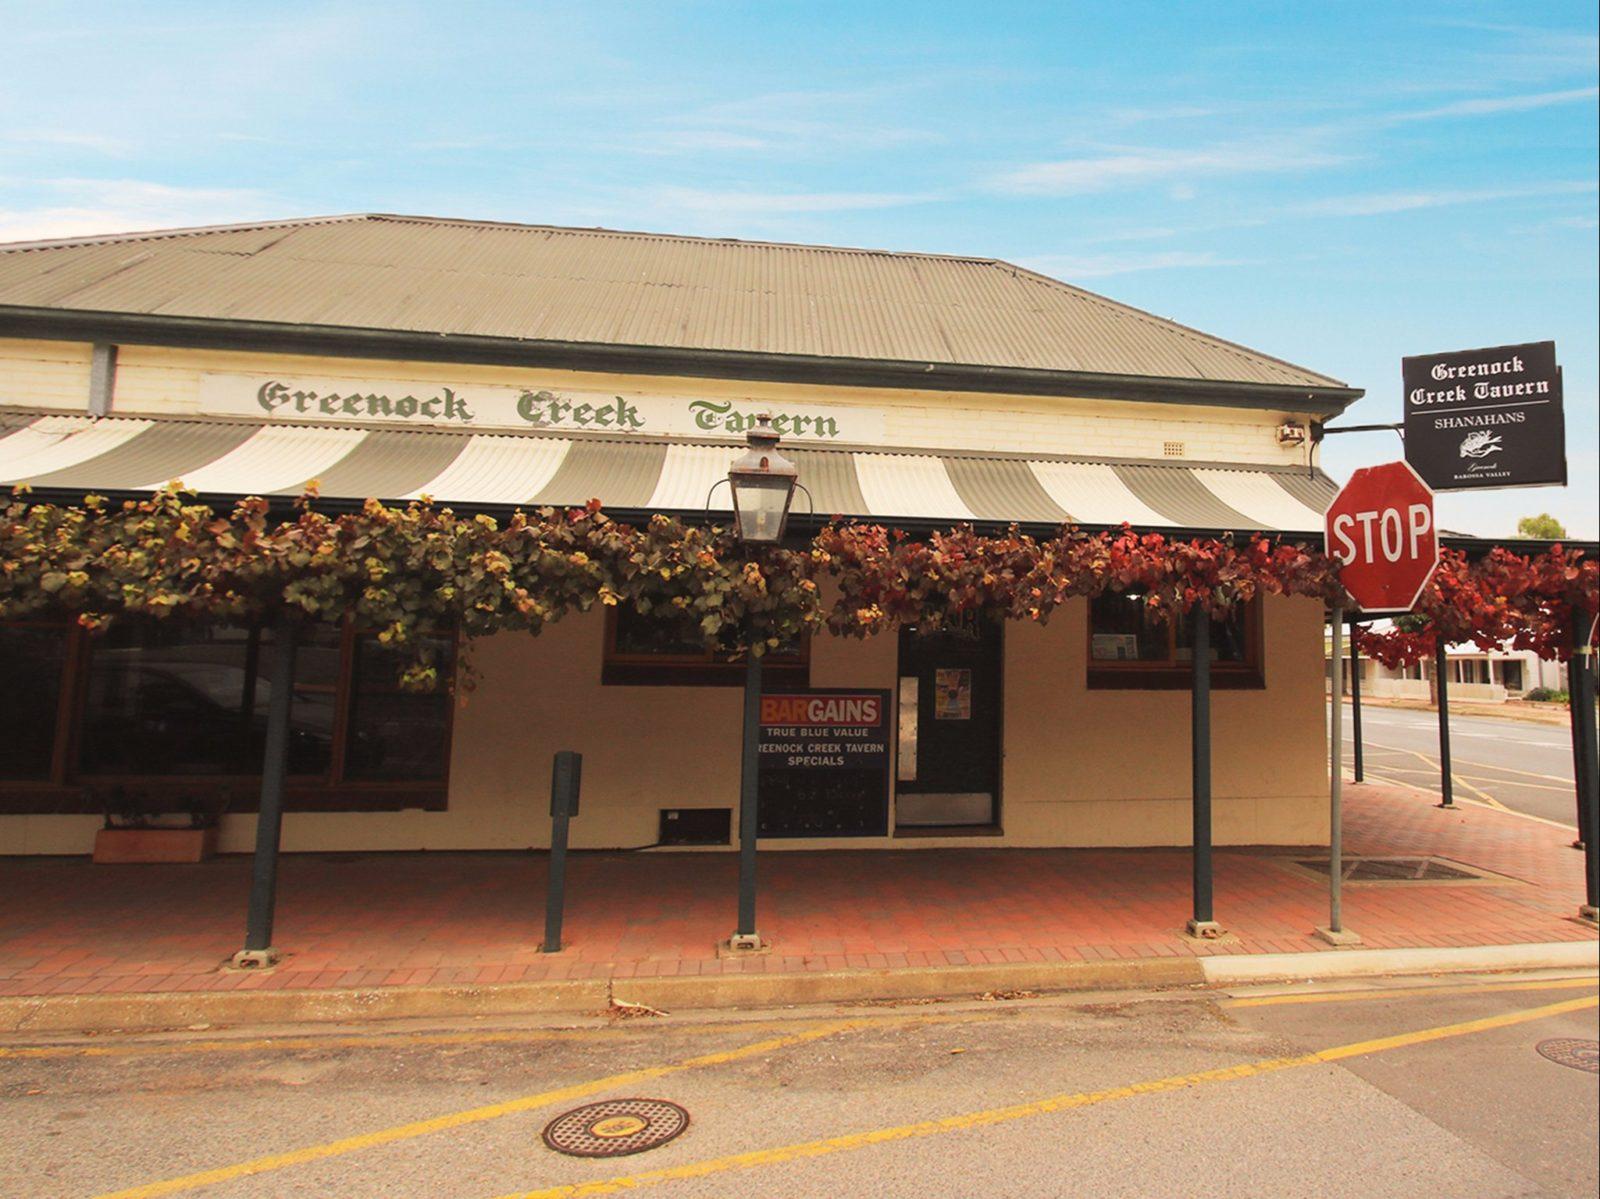 The Greenock